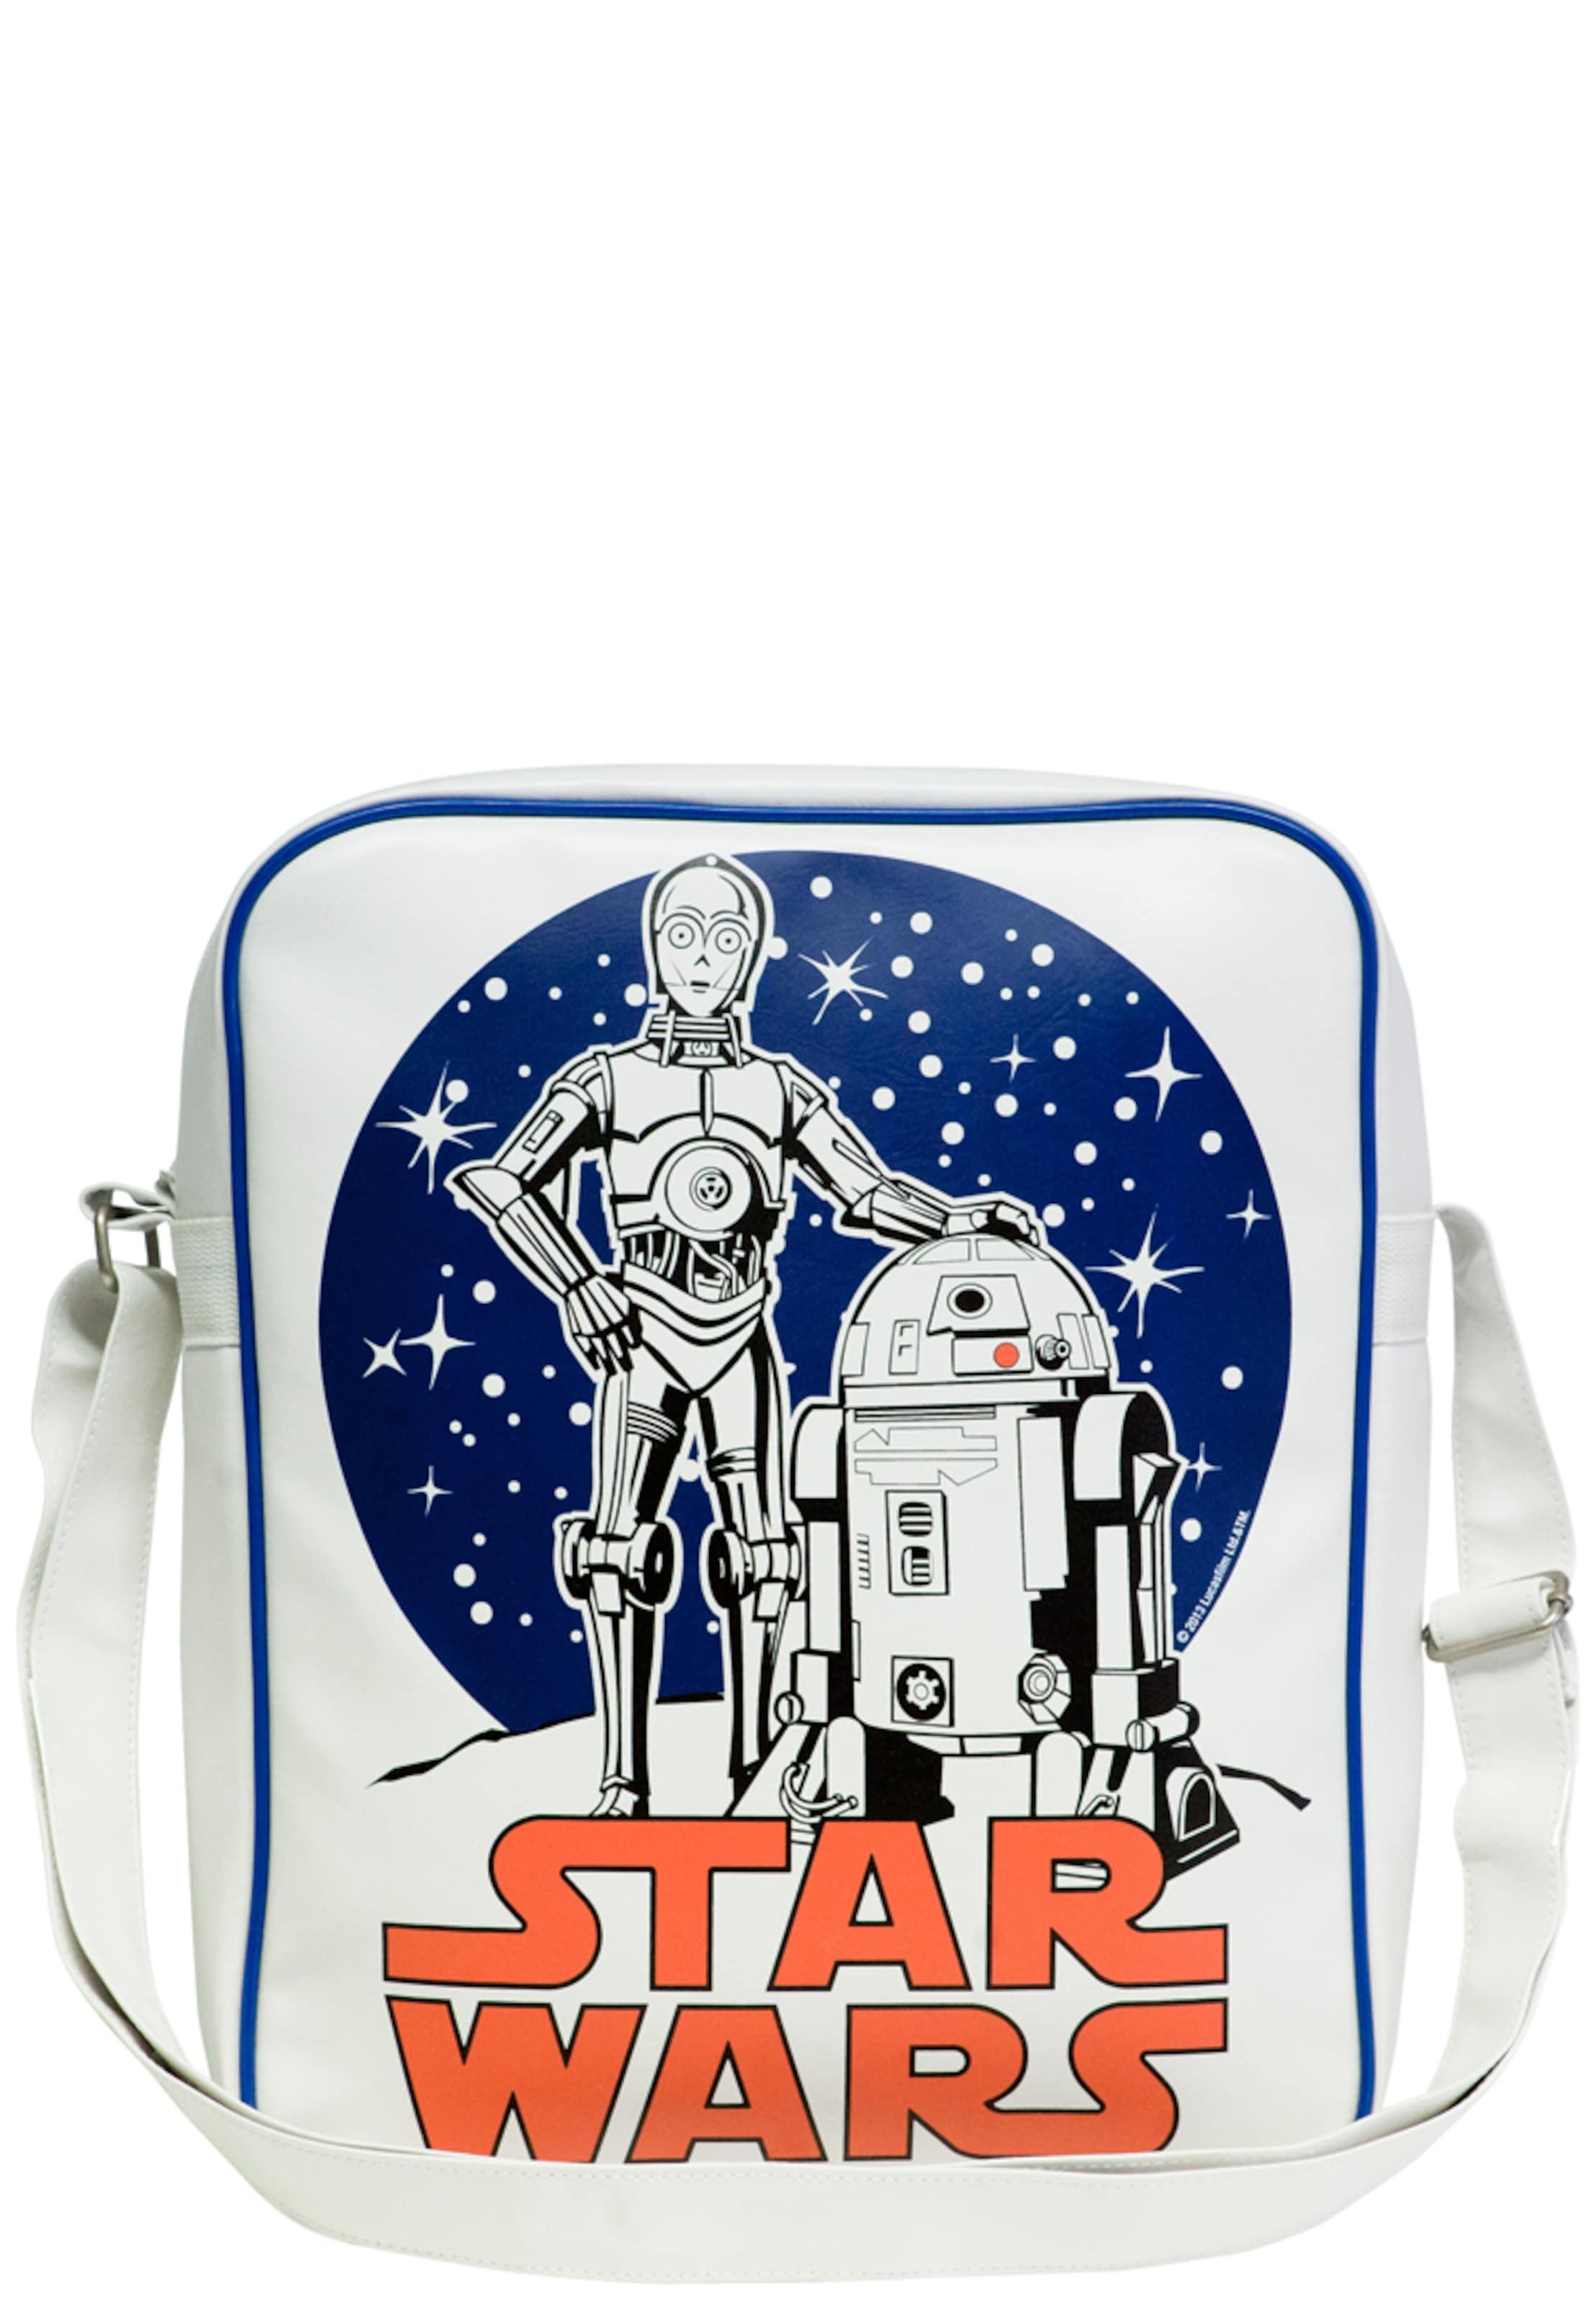 Der In Logoshirt 'krieg SterneC Tasche 3po d2' Weiß R2 w0nOkXNP8